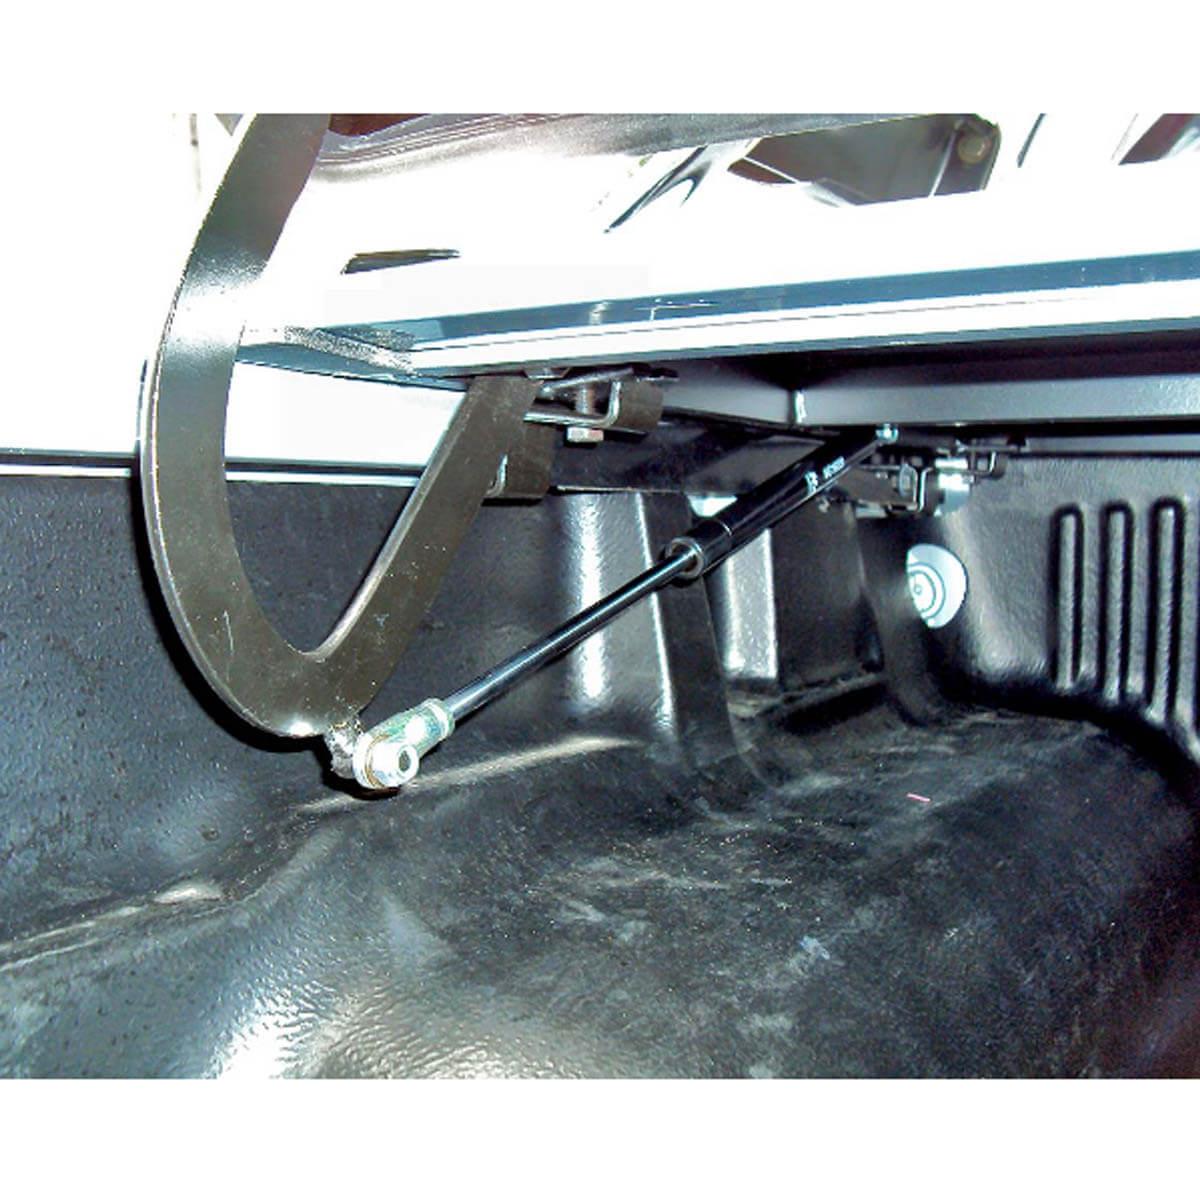 Tampão de aço capota elétrica Nova S10 cabine dupla 2012 a 2018